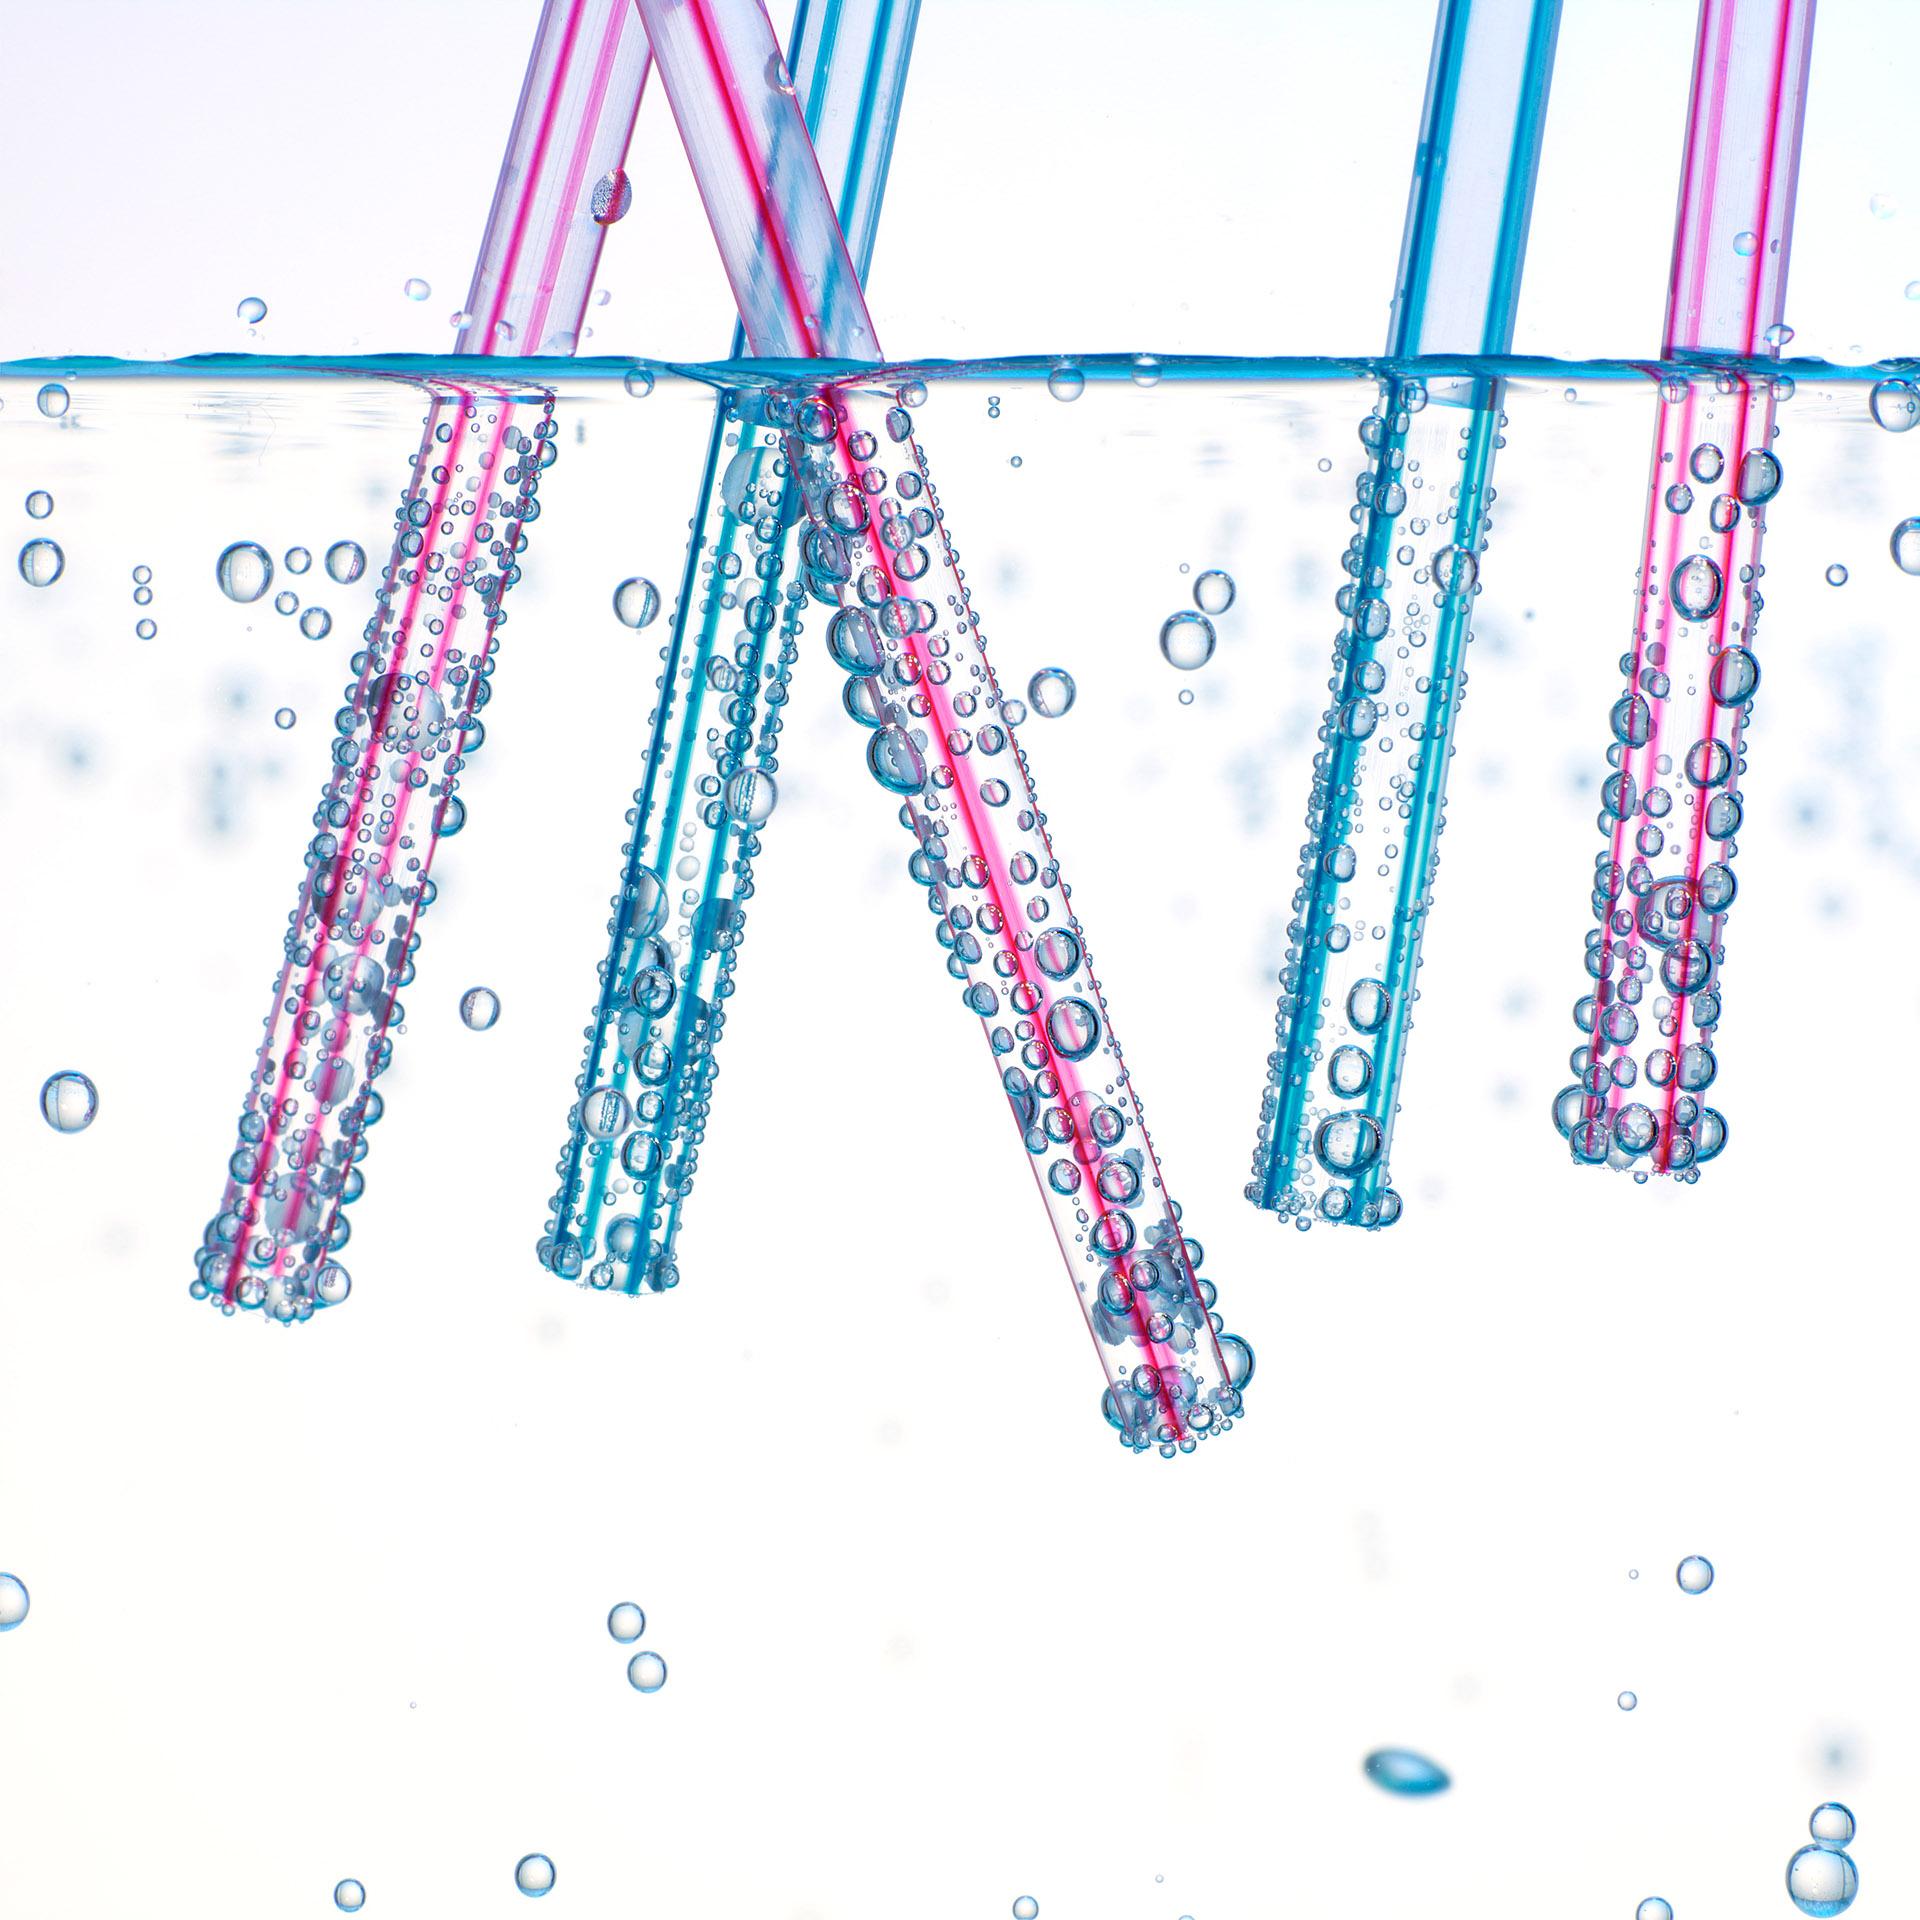 Fotograf Werbefotografie Studio Oberfranken Super Close-Up Strohhalme in Wasser mit Luftbläschen. Feigfotodesign